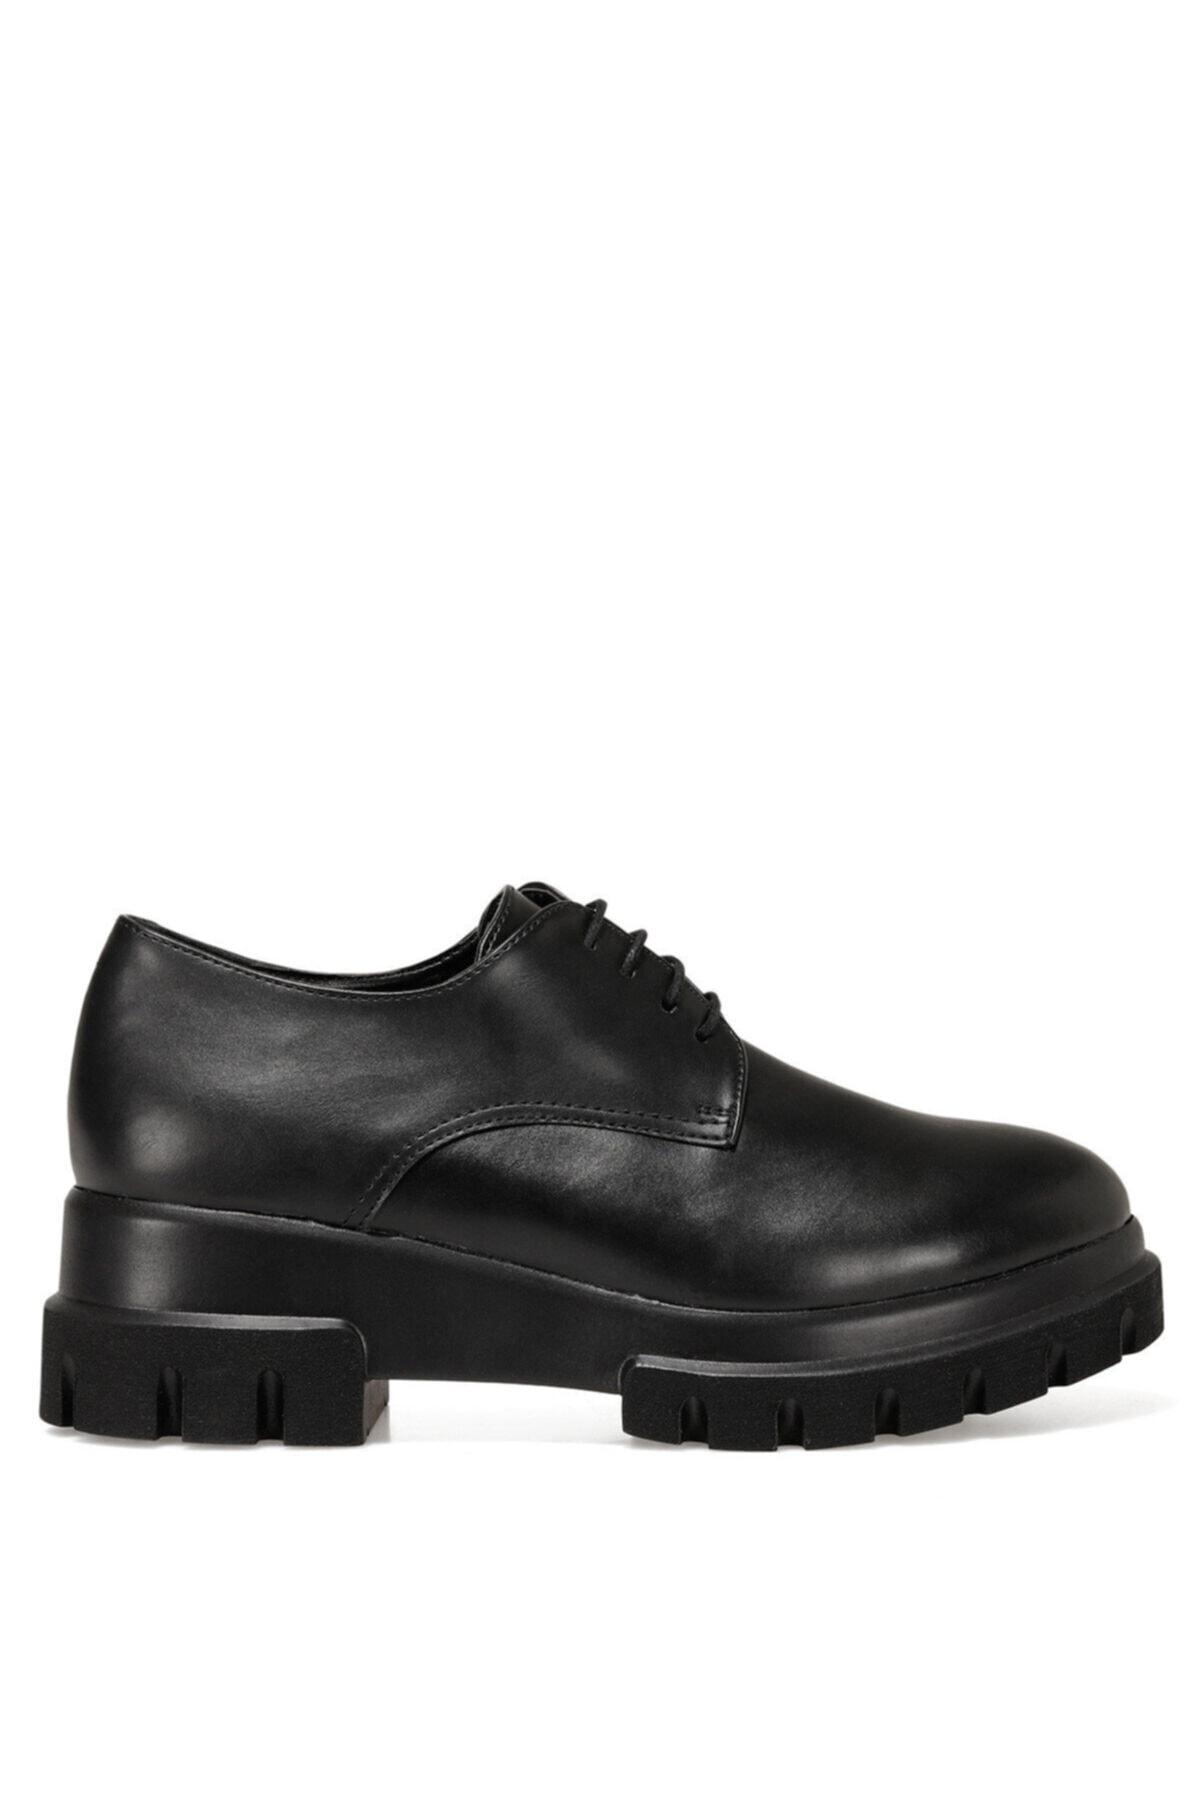 HELLE Siyah Kadın Oxford Ayakkabı 100555738